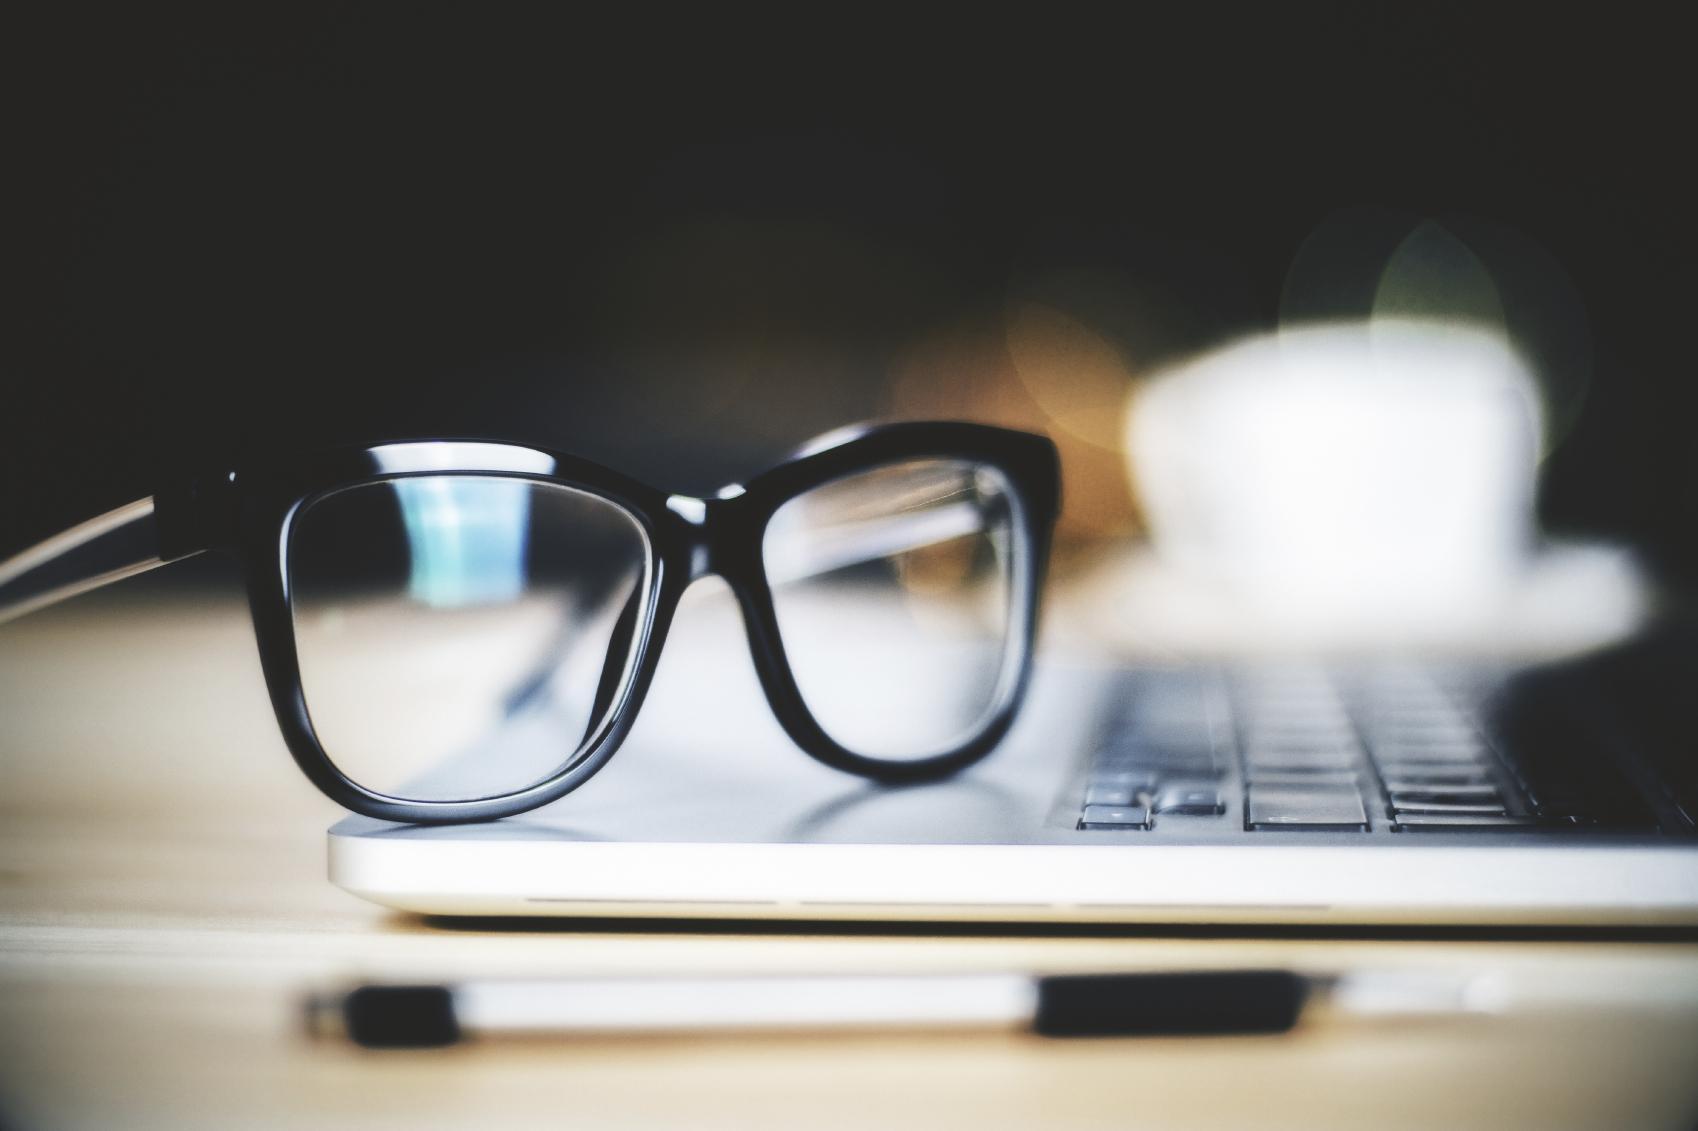 0dd6700353 Son una opción las gafas graduadas de segunda mano? | Blog de ...